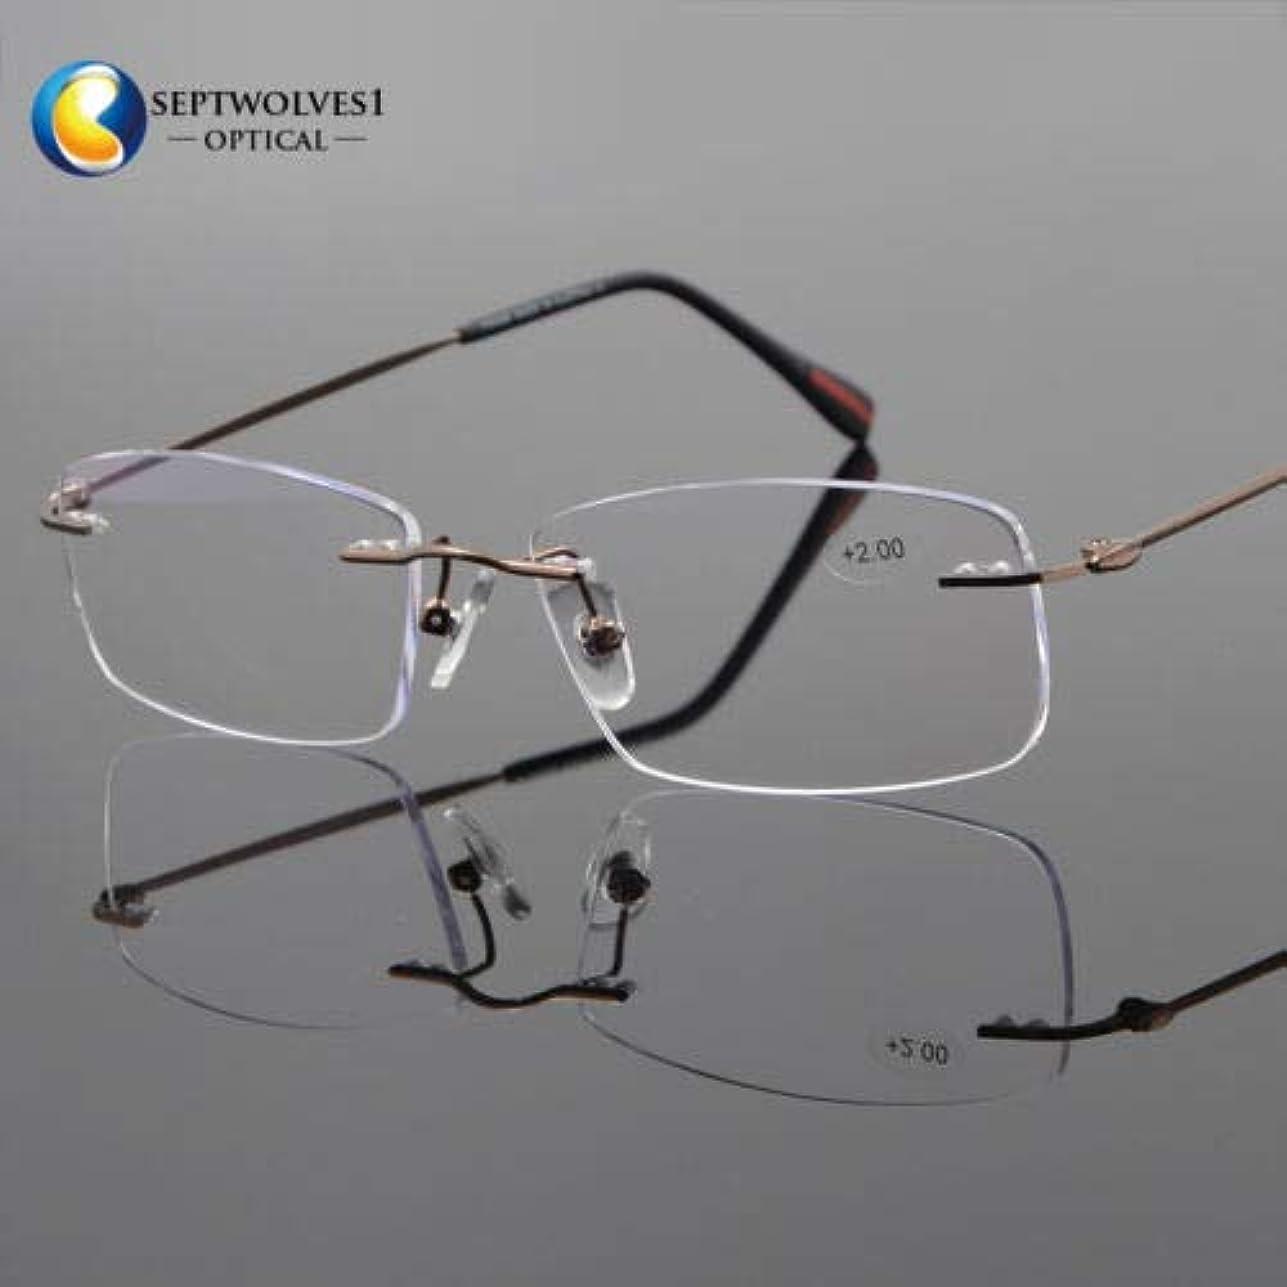 財政学部暴力FidgetGear 新しいβチタン縁なし老眼鏡UV400コーティングレンズリーダー+0.00?+ 5.00 褐色